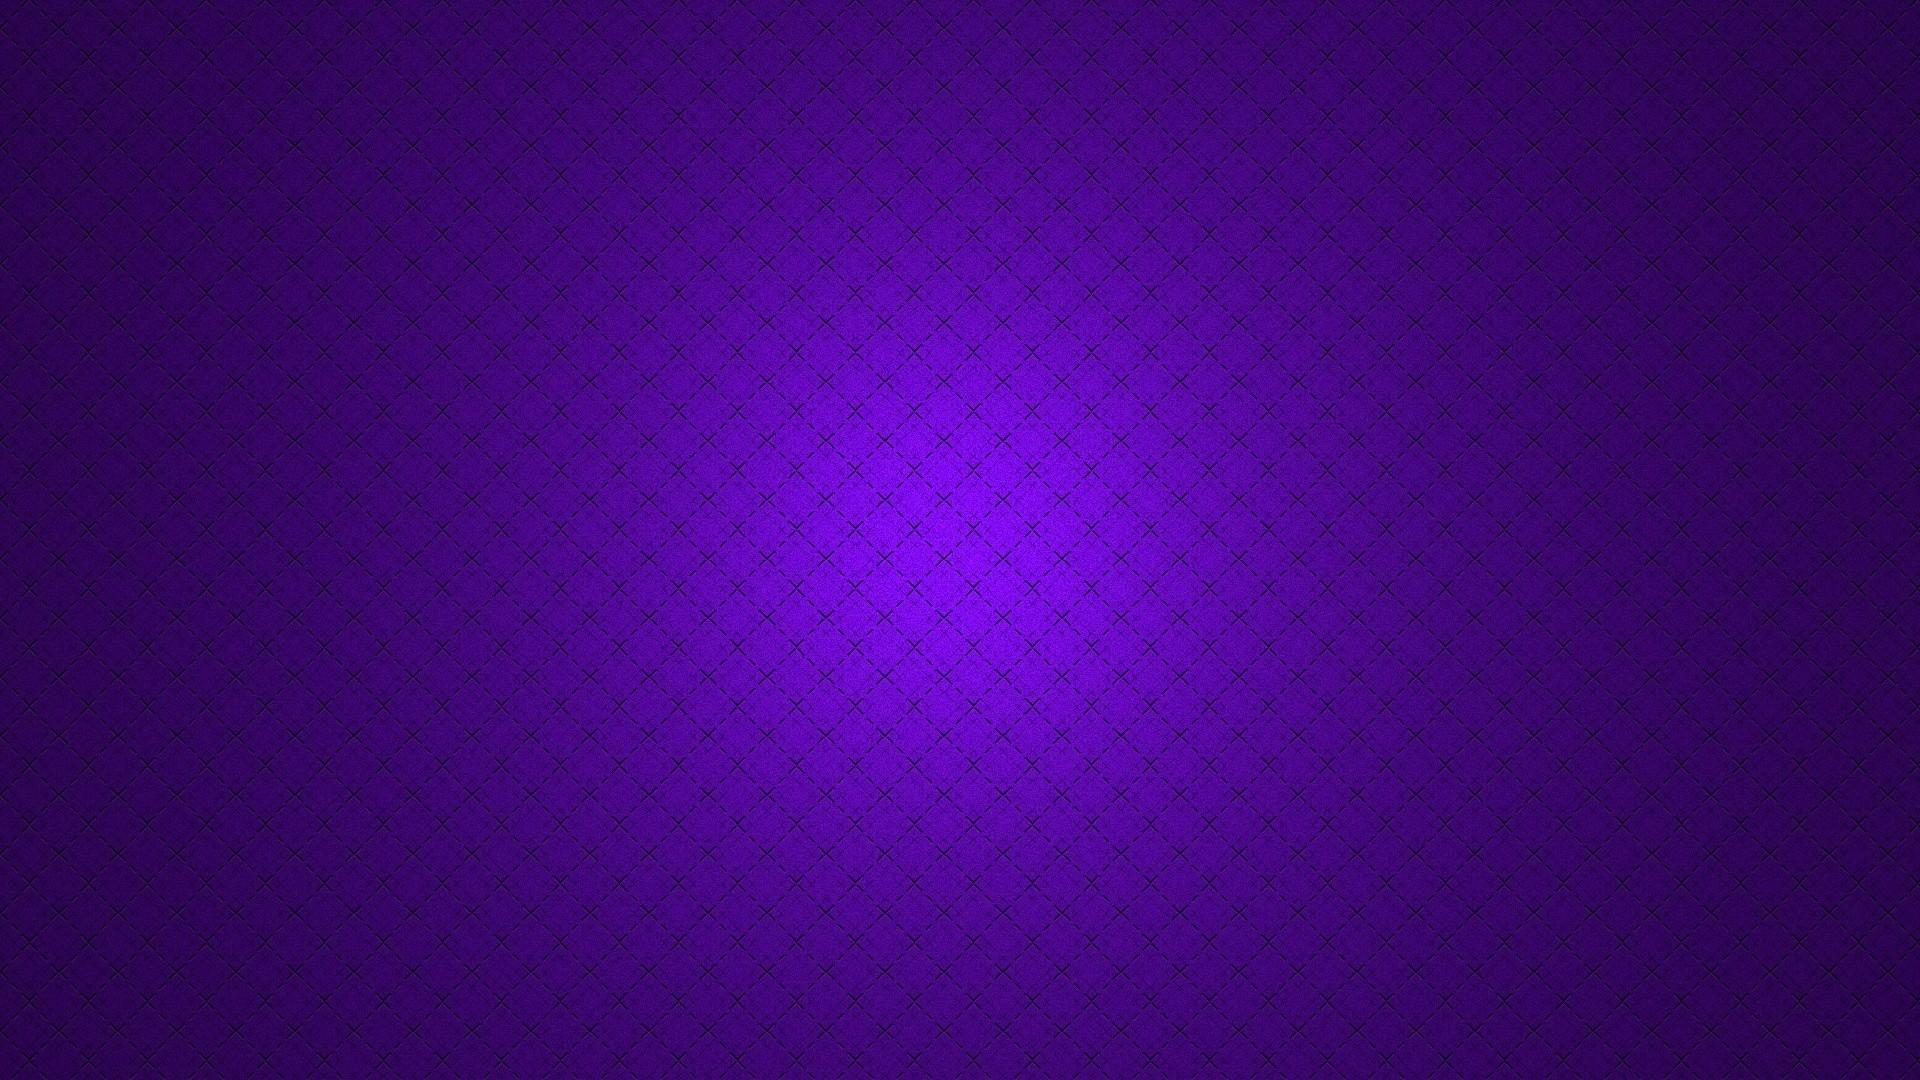 Light Purple Pic